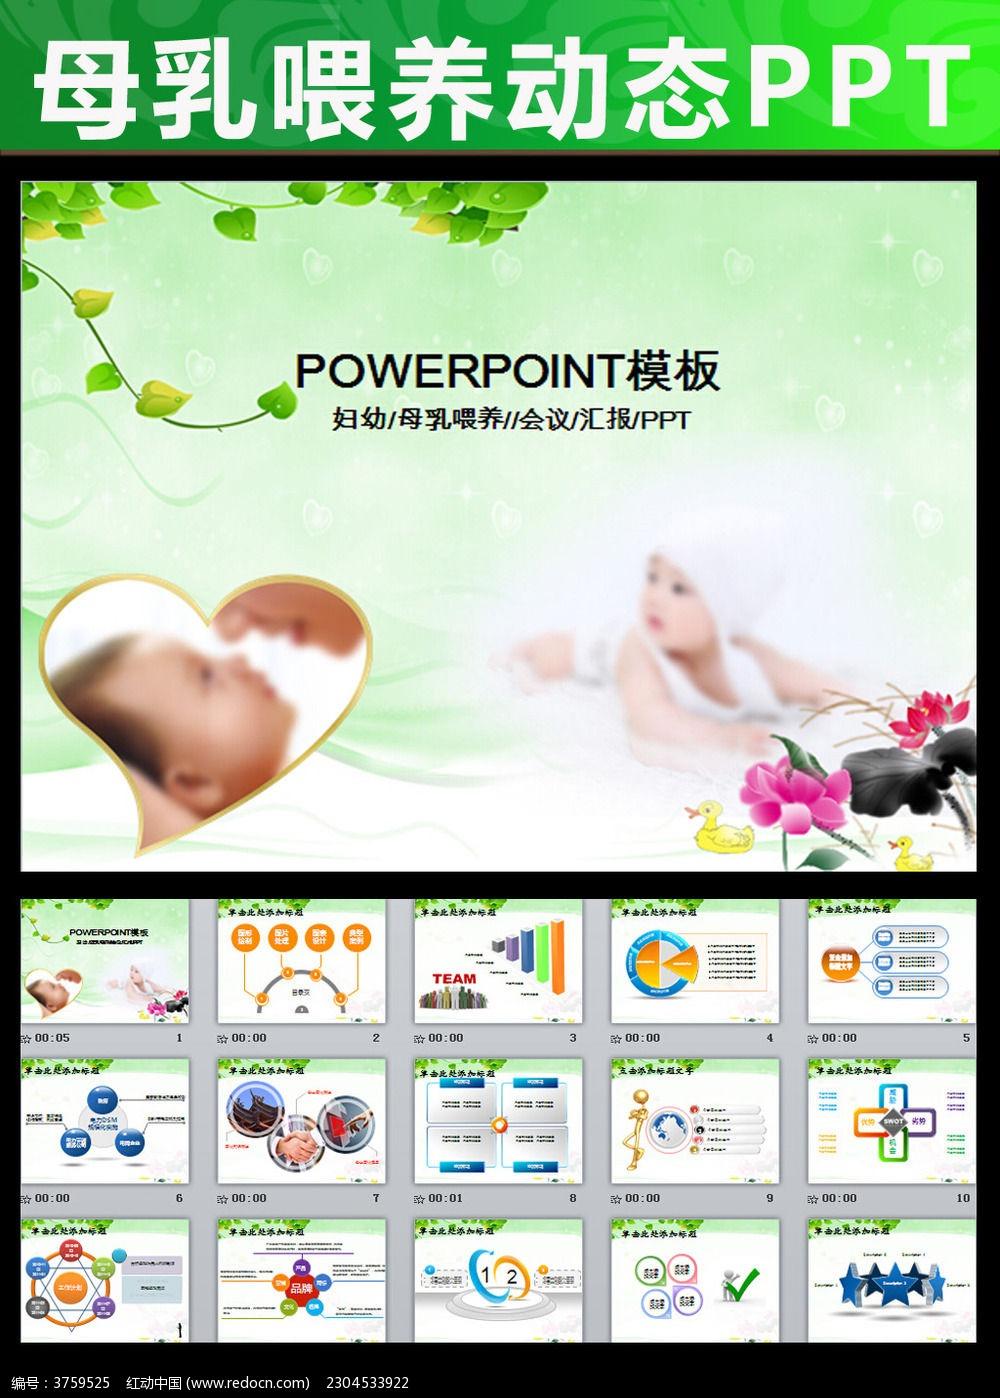 母婴母乳喂养妇幼保健妇产科PPT模板pptx素材下载 编号3759525 红动网